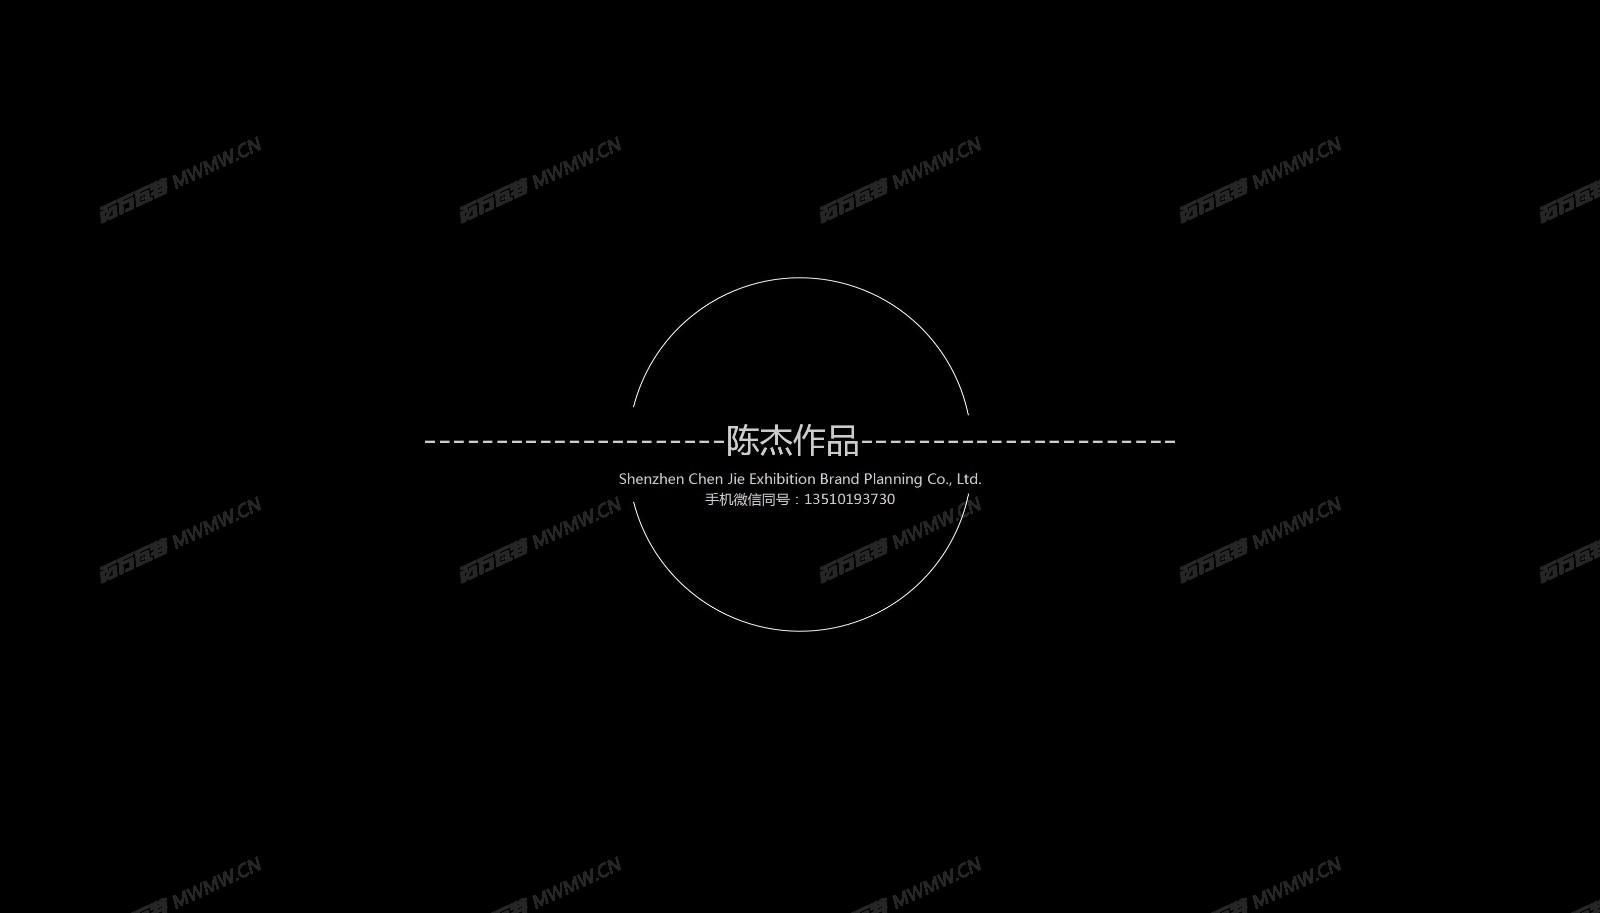 陈杰作品集_01.jpg